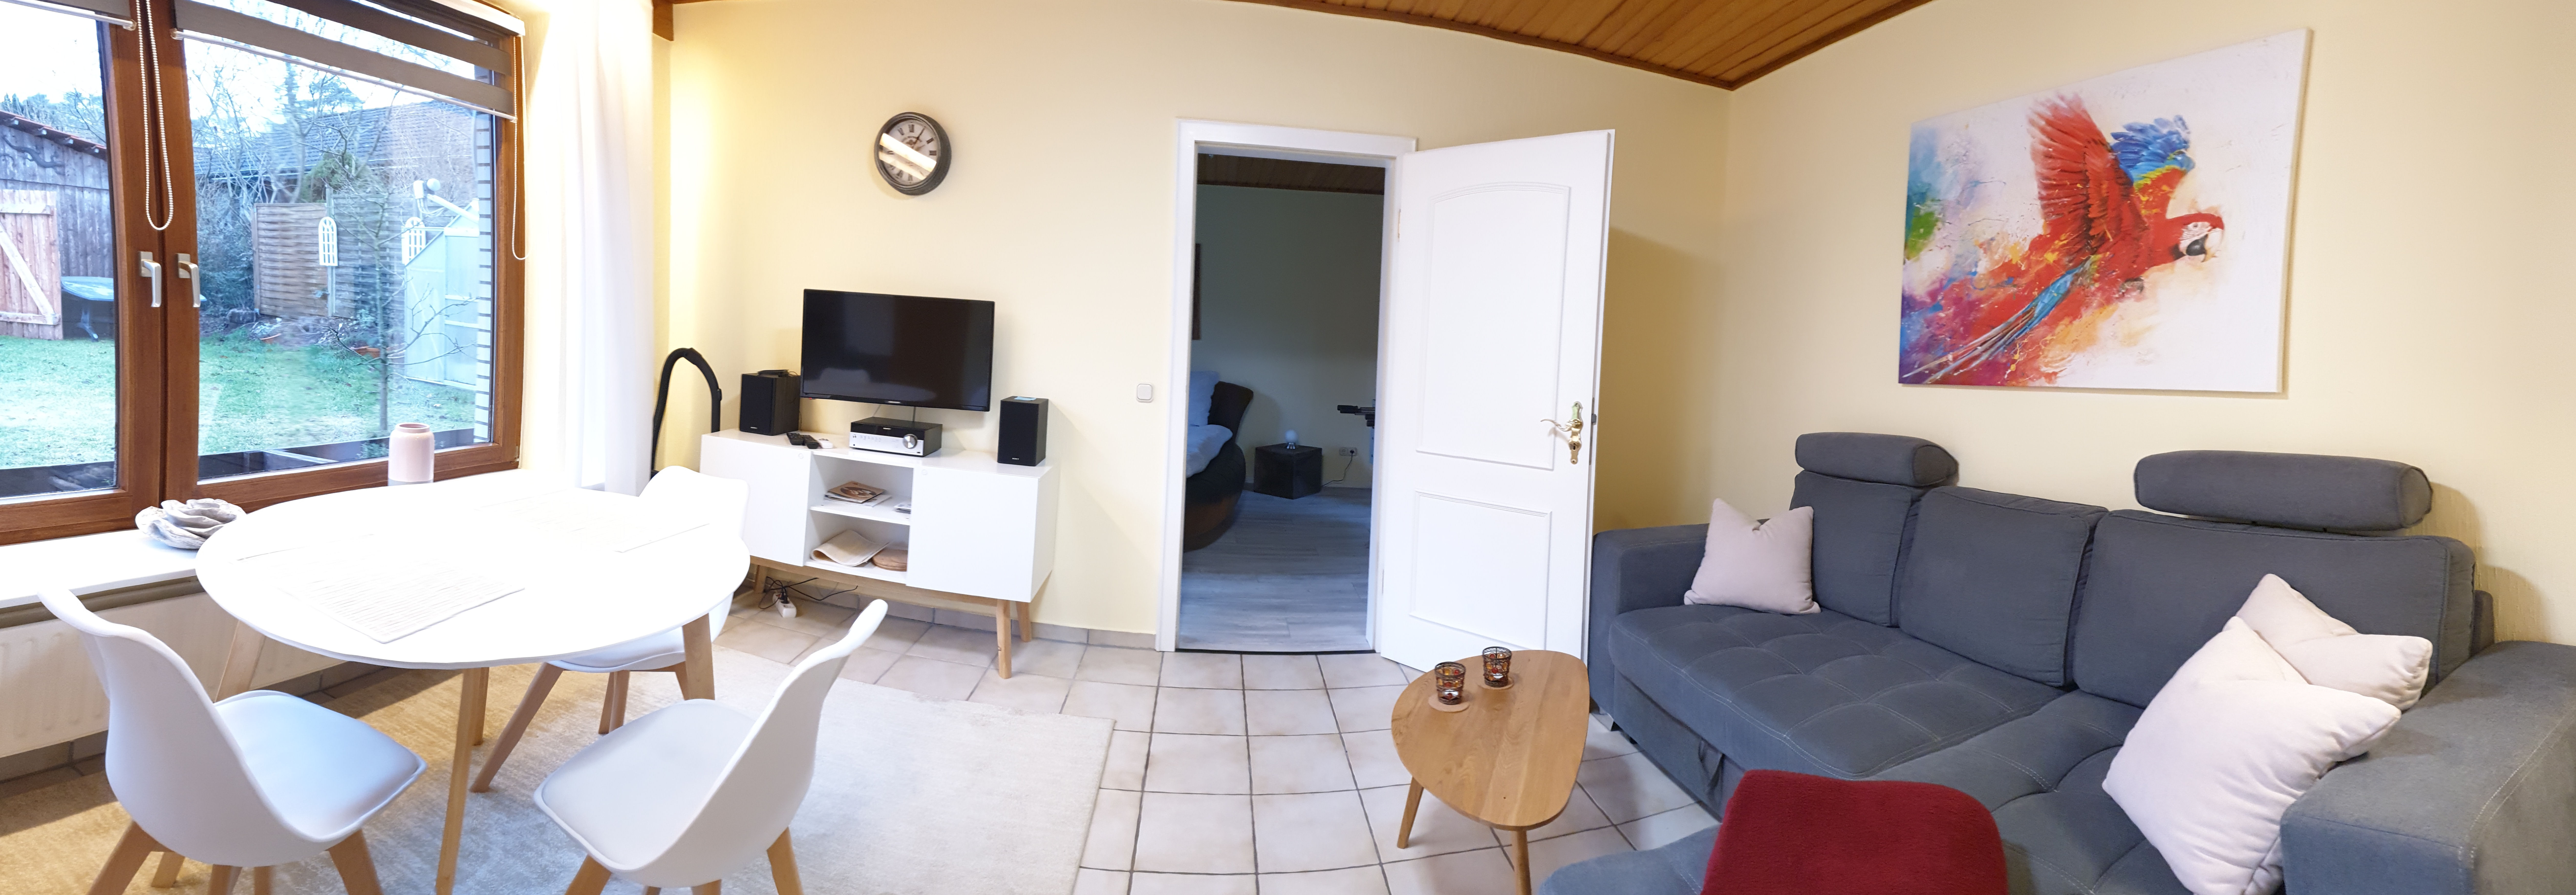 Wohnzimmer 2020_02